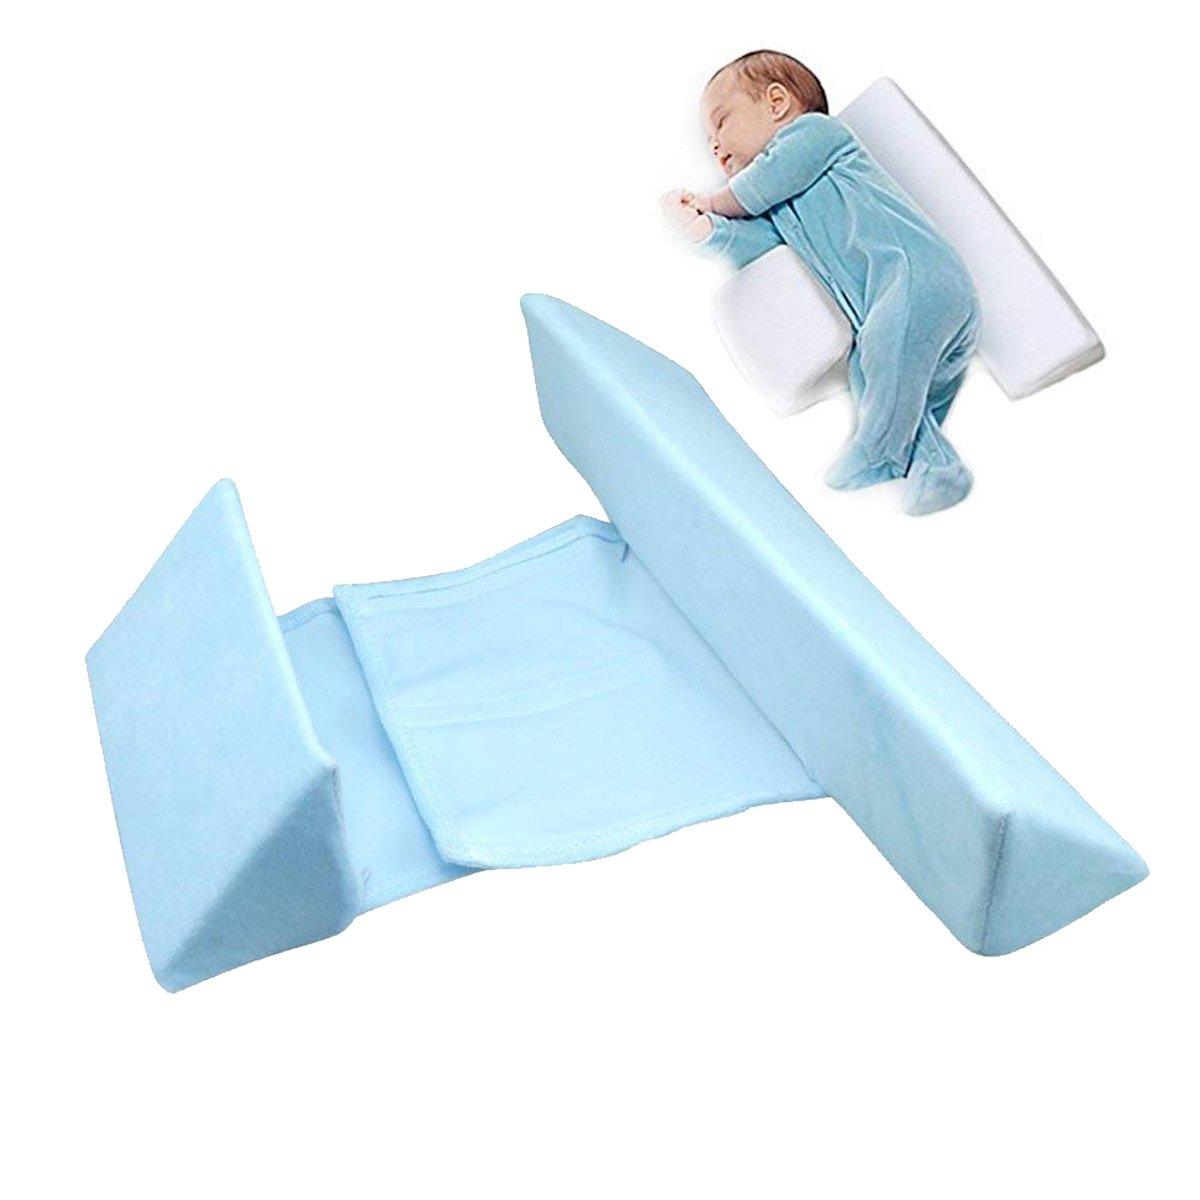 URIJK Coussin de Sommeil Latéral pour Nouveau-Né Calé-bébé Sommeil Oreiller Réglable Coussin Bébé Velours Sain et Respirant